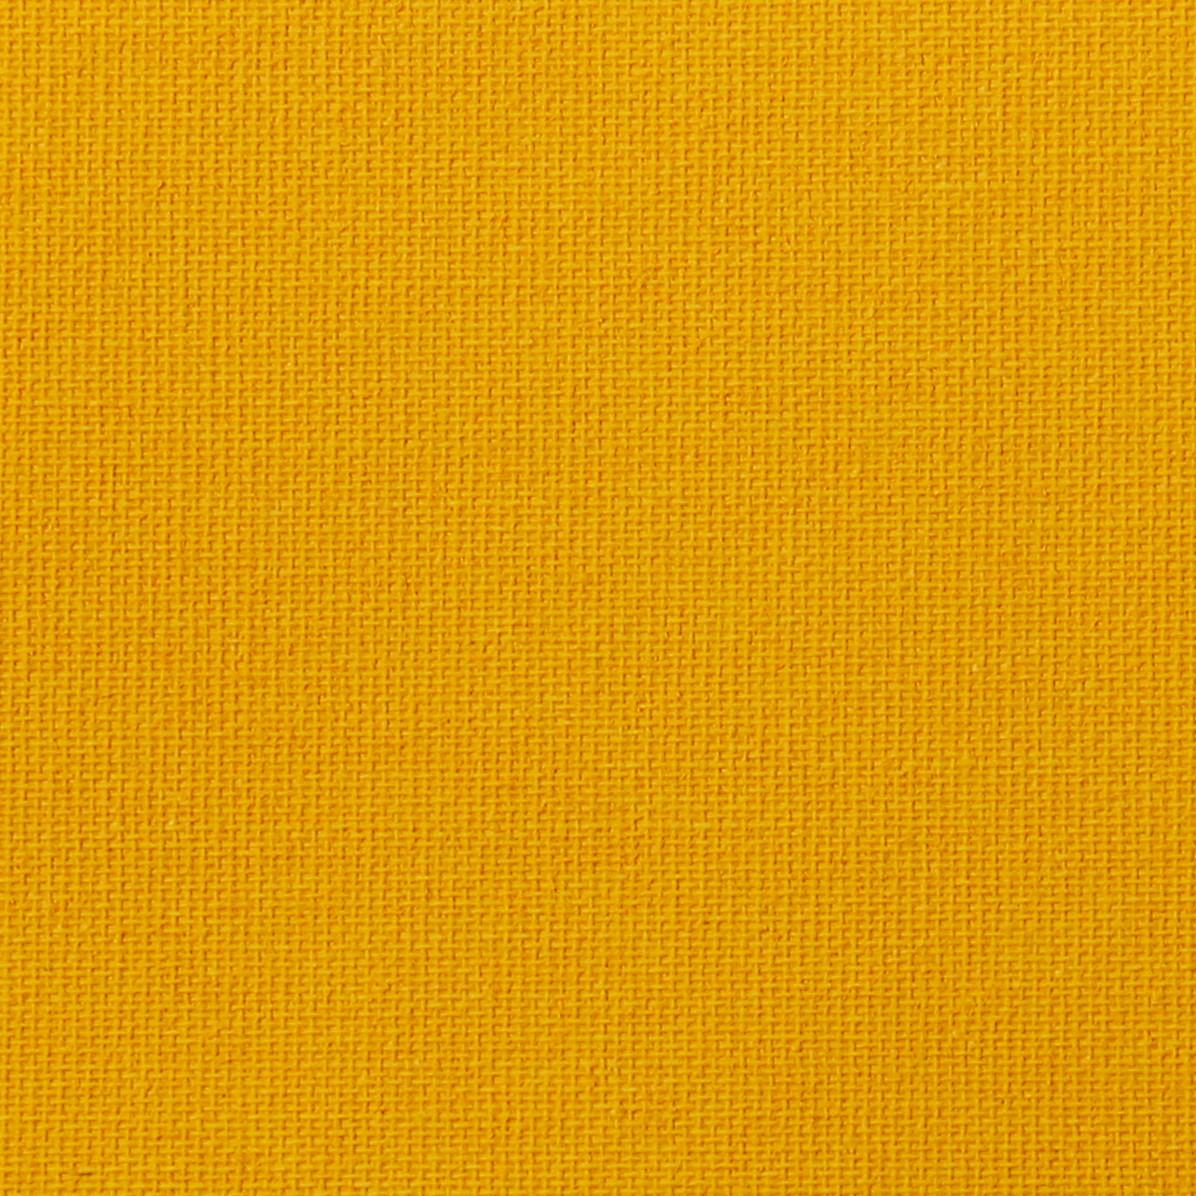 Рулонные шторы Ткань Однотонная А-608 Ярко-Жёлтый